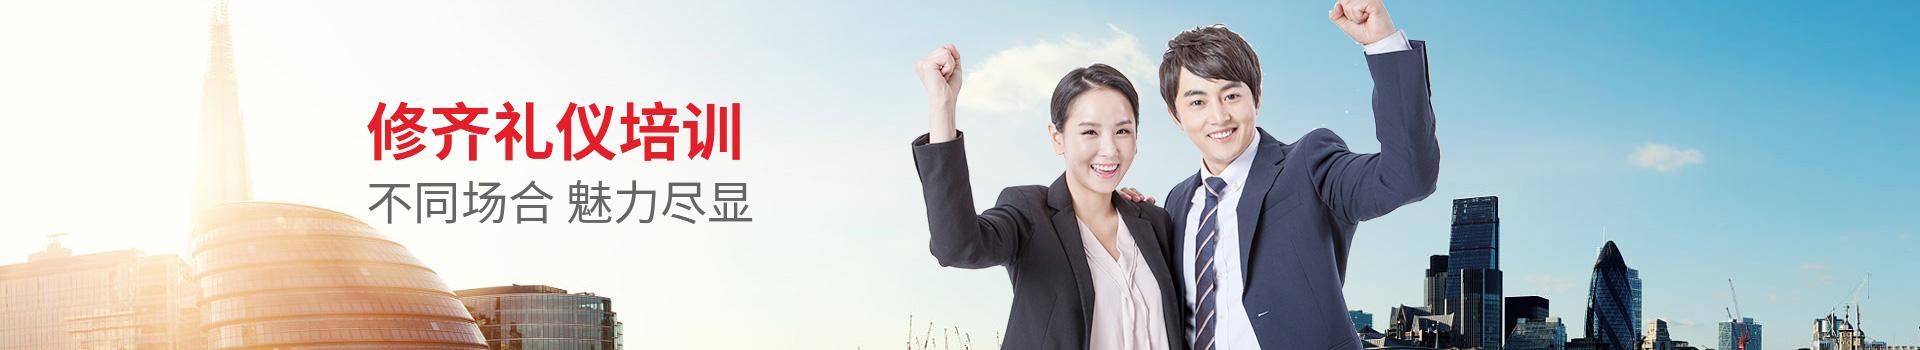 棋牌斗牛牛游戏606棋牌官方网站培训